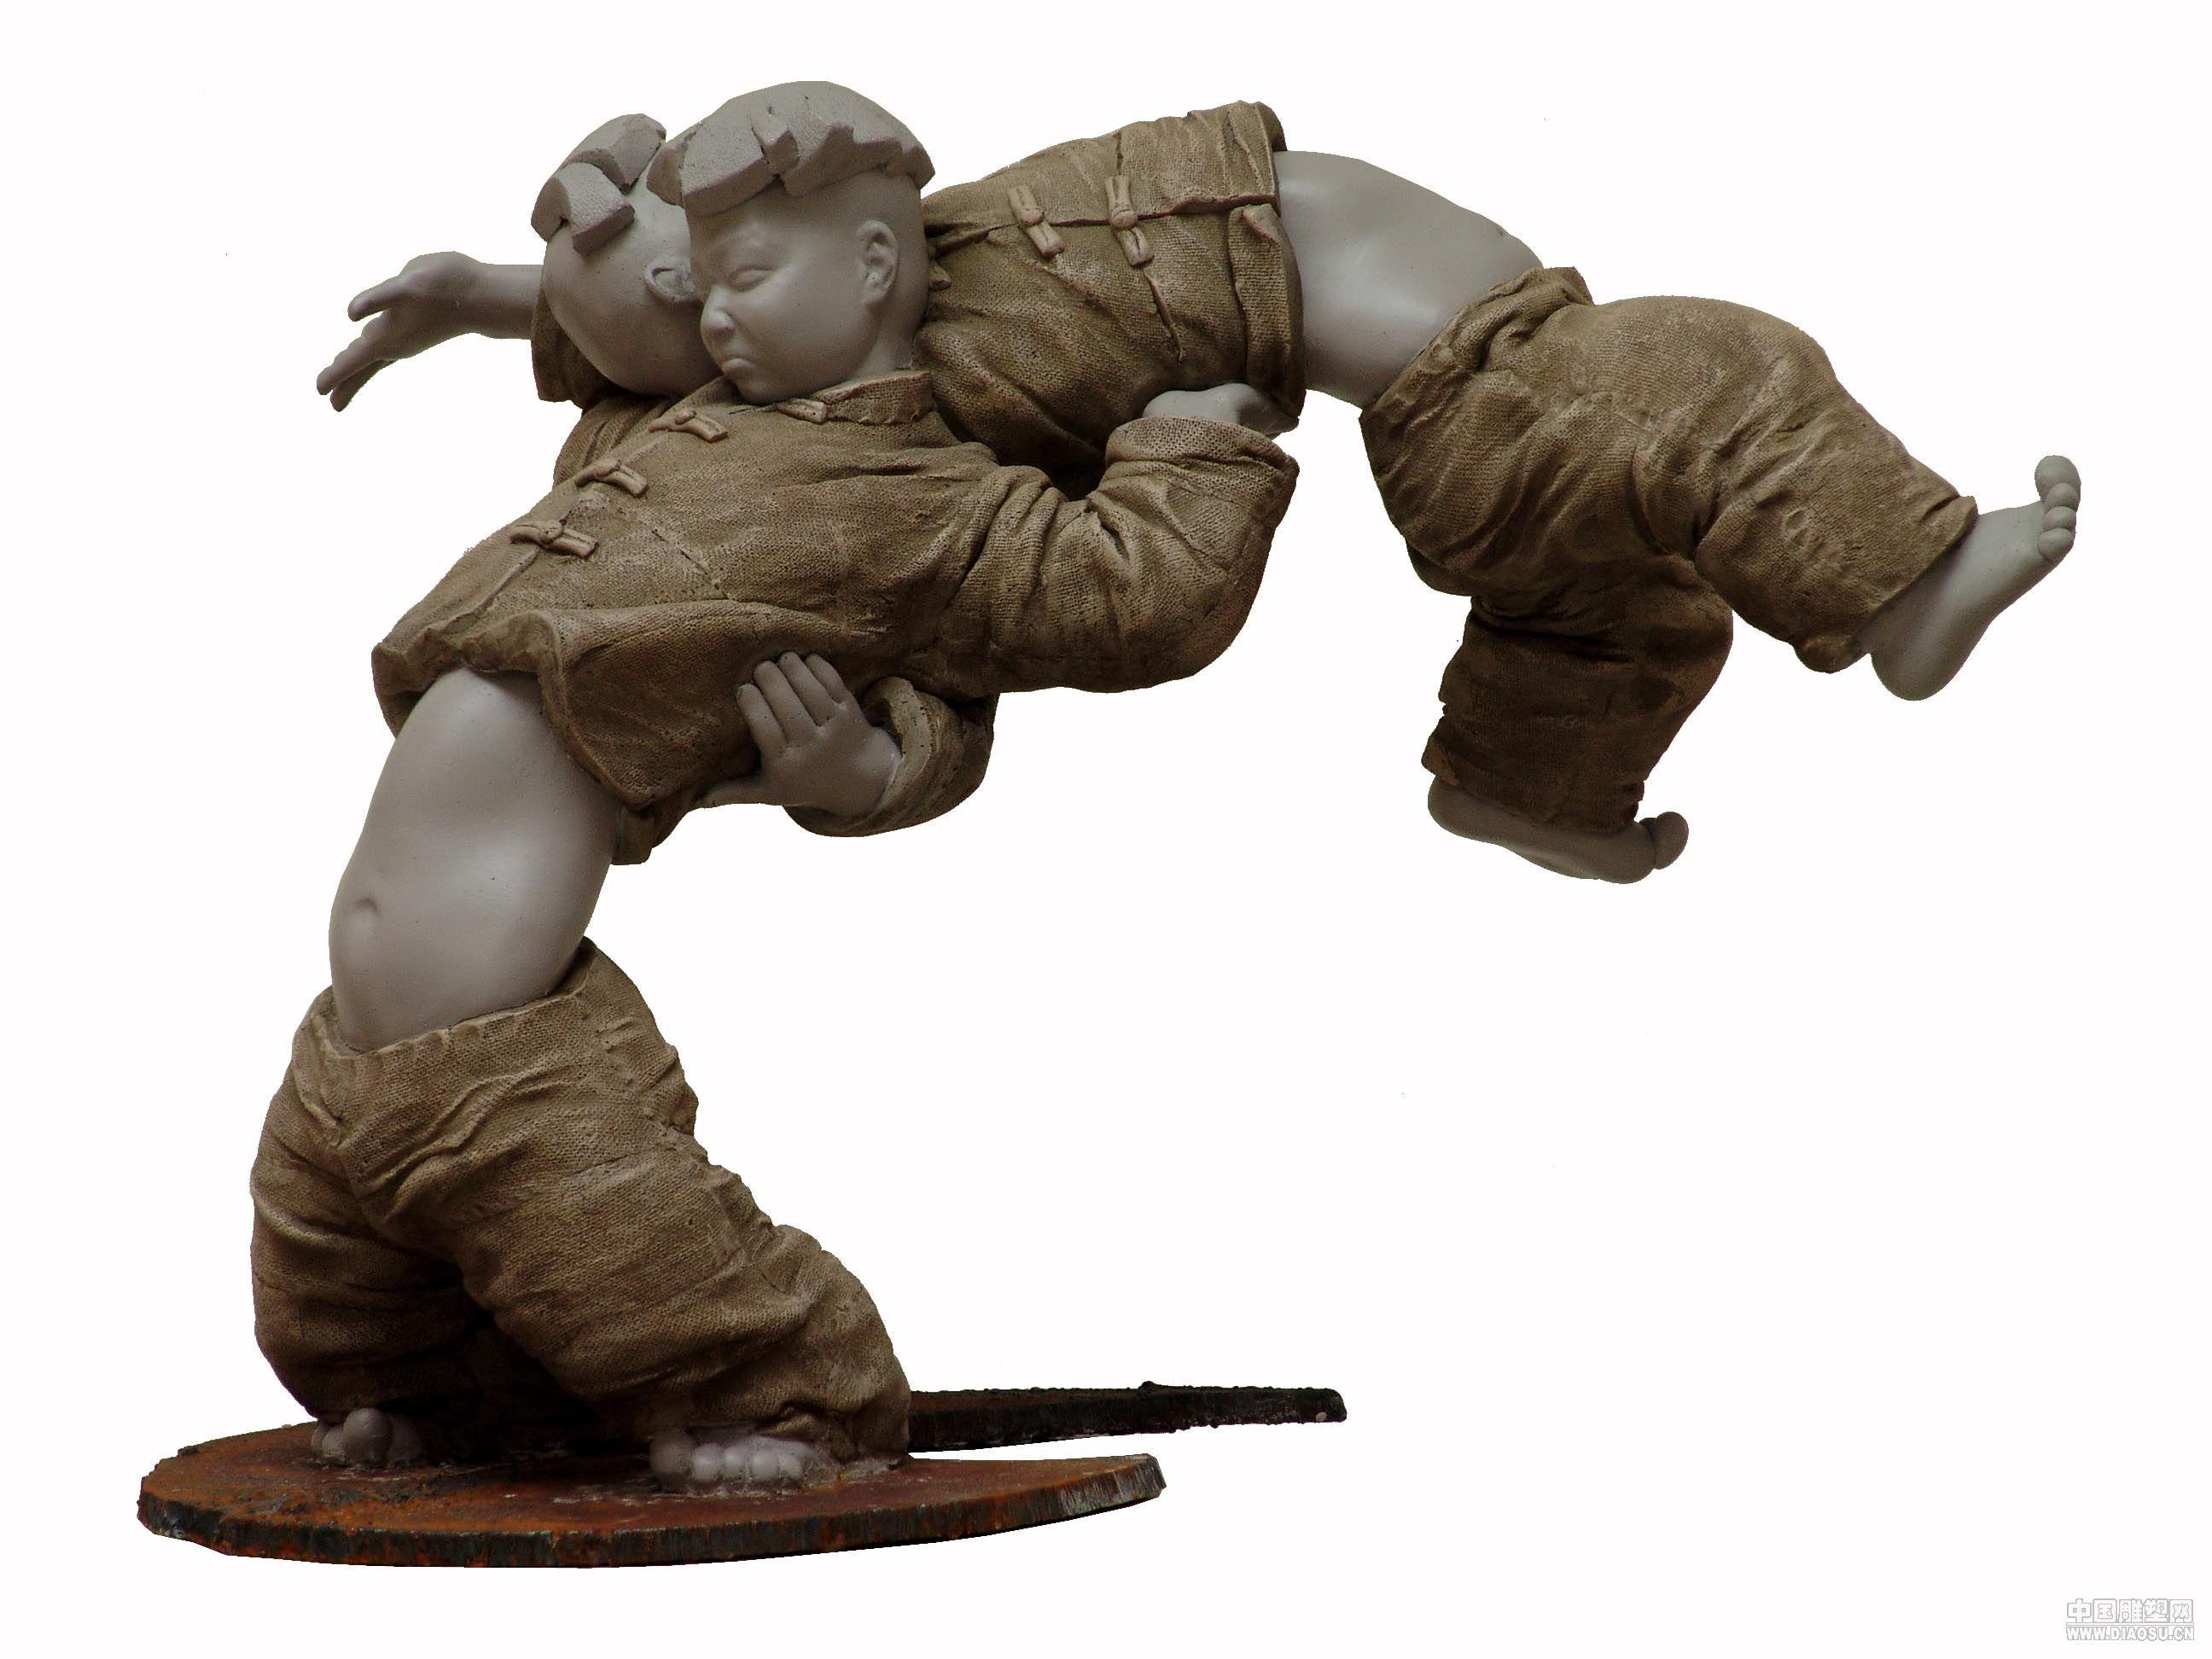 耒阳出来的雕塑家肖小裘(最新雕塑作品欣赏)